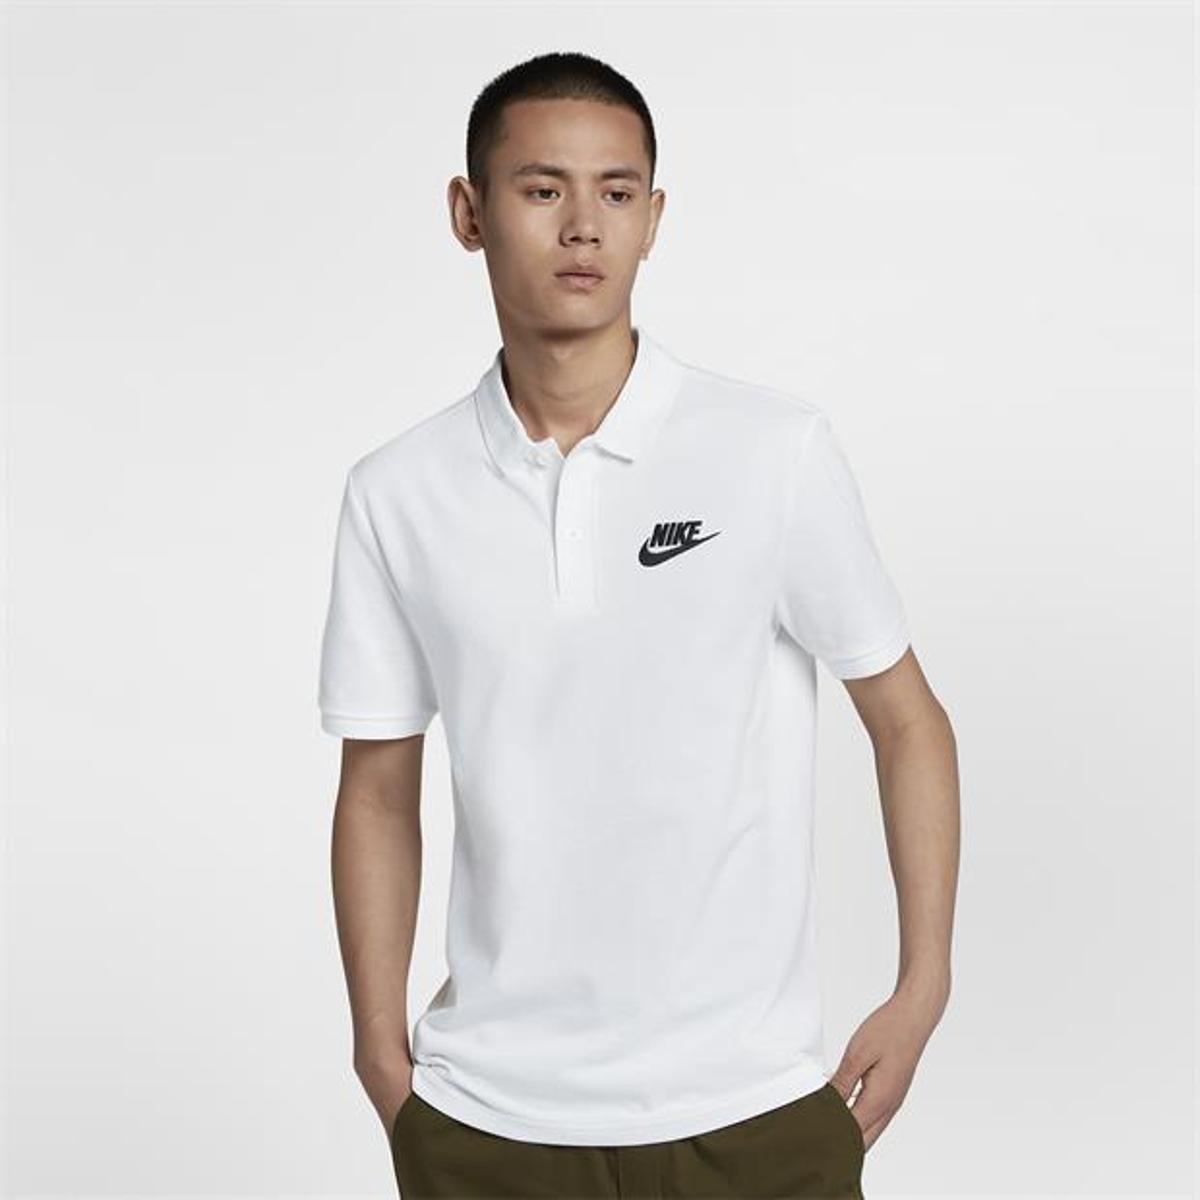 f245a9222b77c Camisa Polo Nike Matchup Piquet Masculina - Preto e Branco - Compre Agora